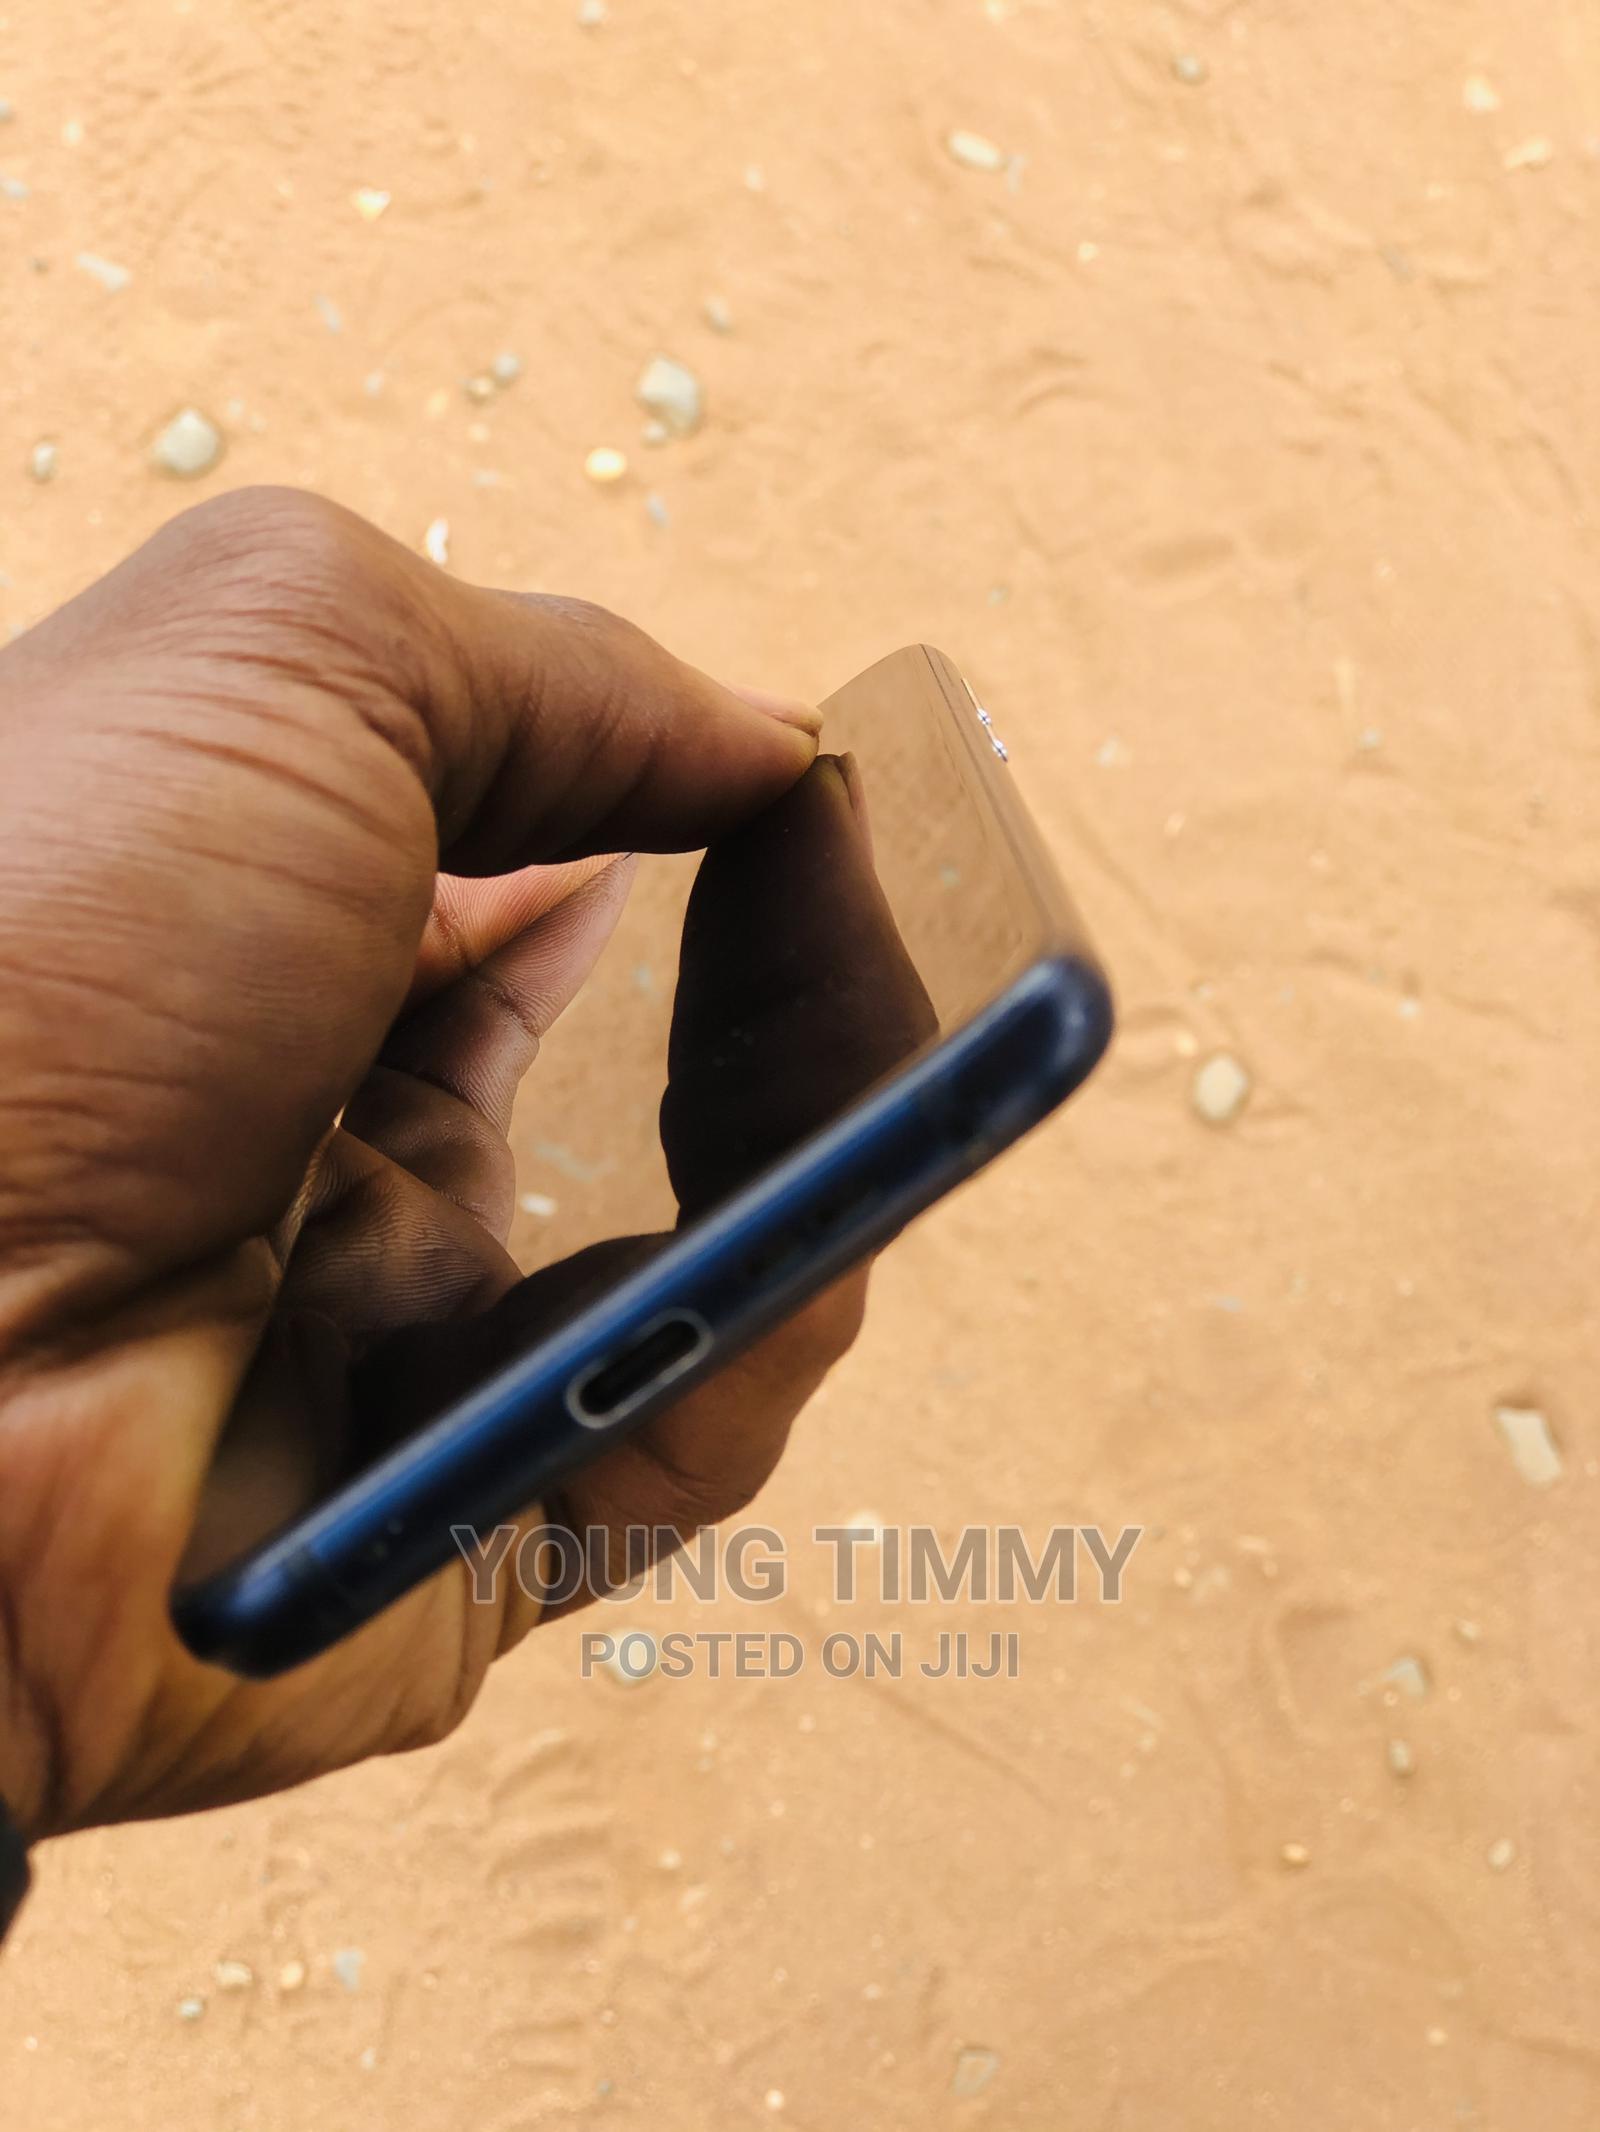 Archive: Nokia 6.1 Plus (X6) 64 GB Black